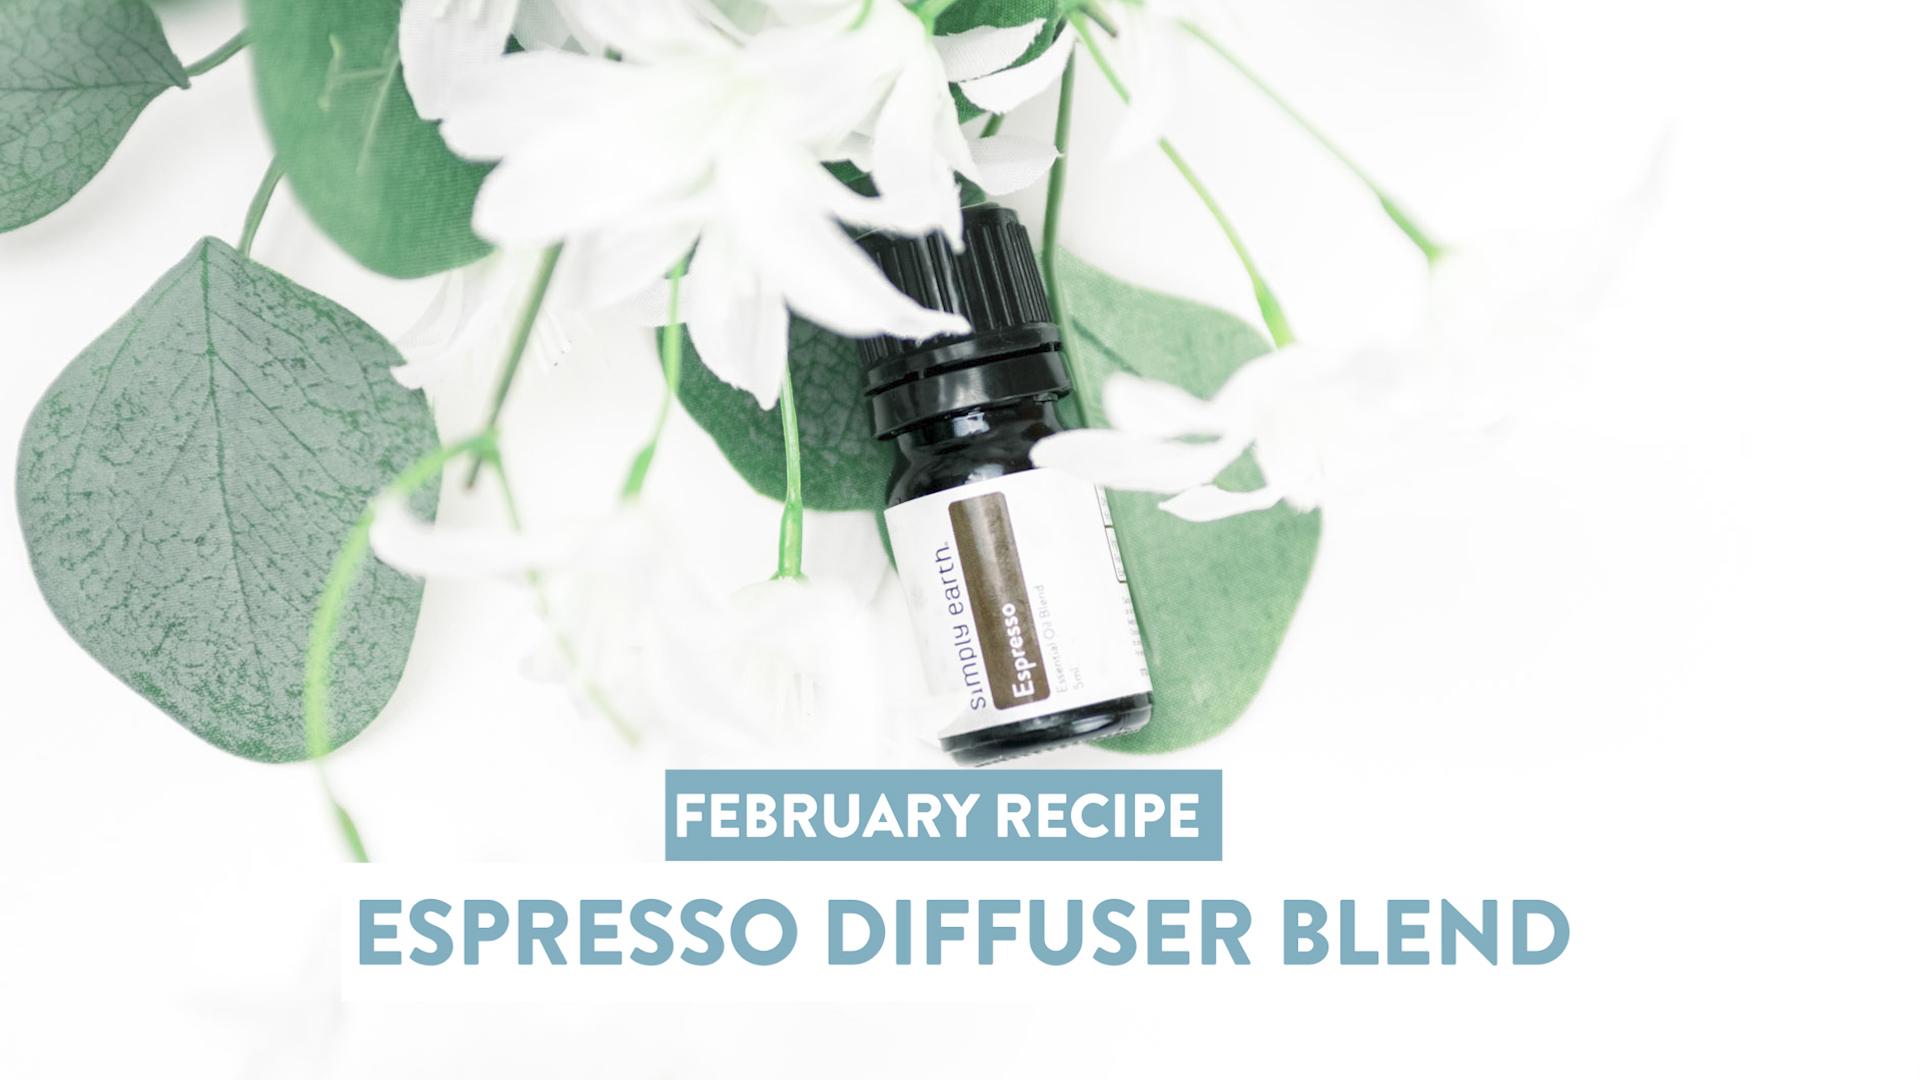 Espresso Diffuser Blend